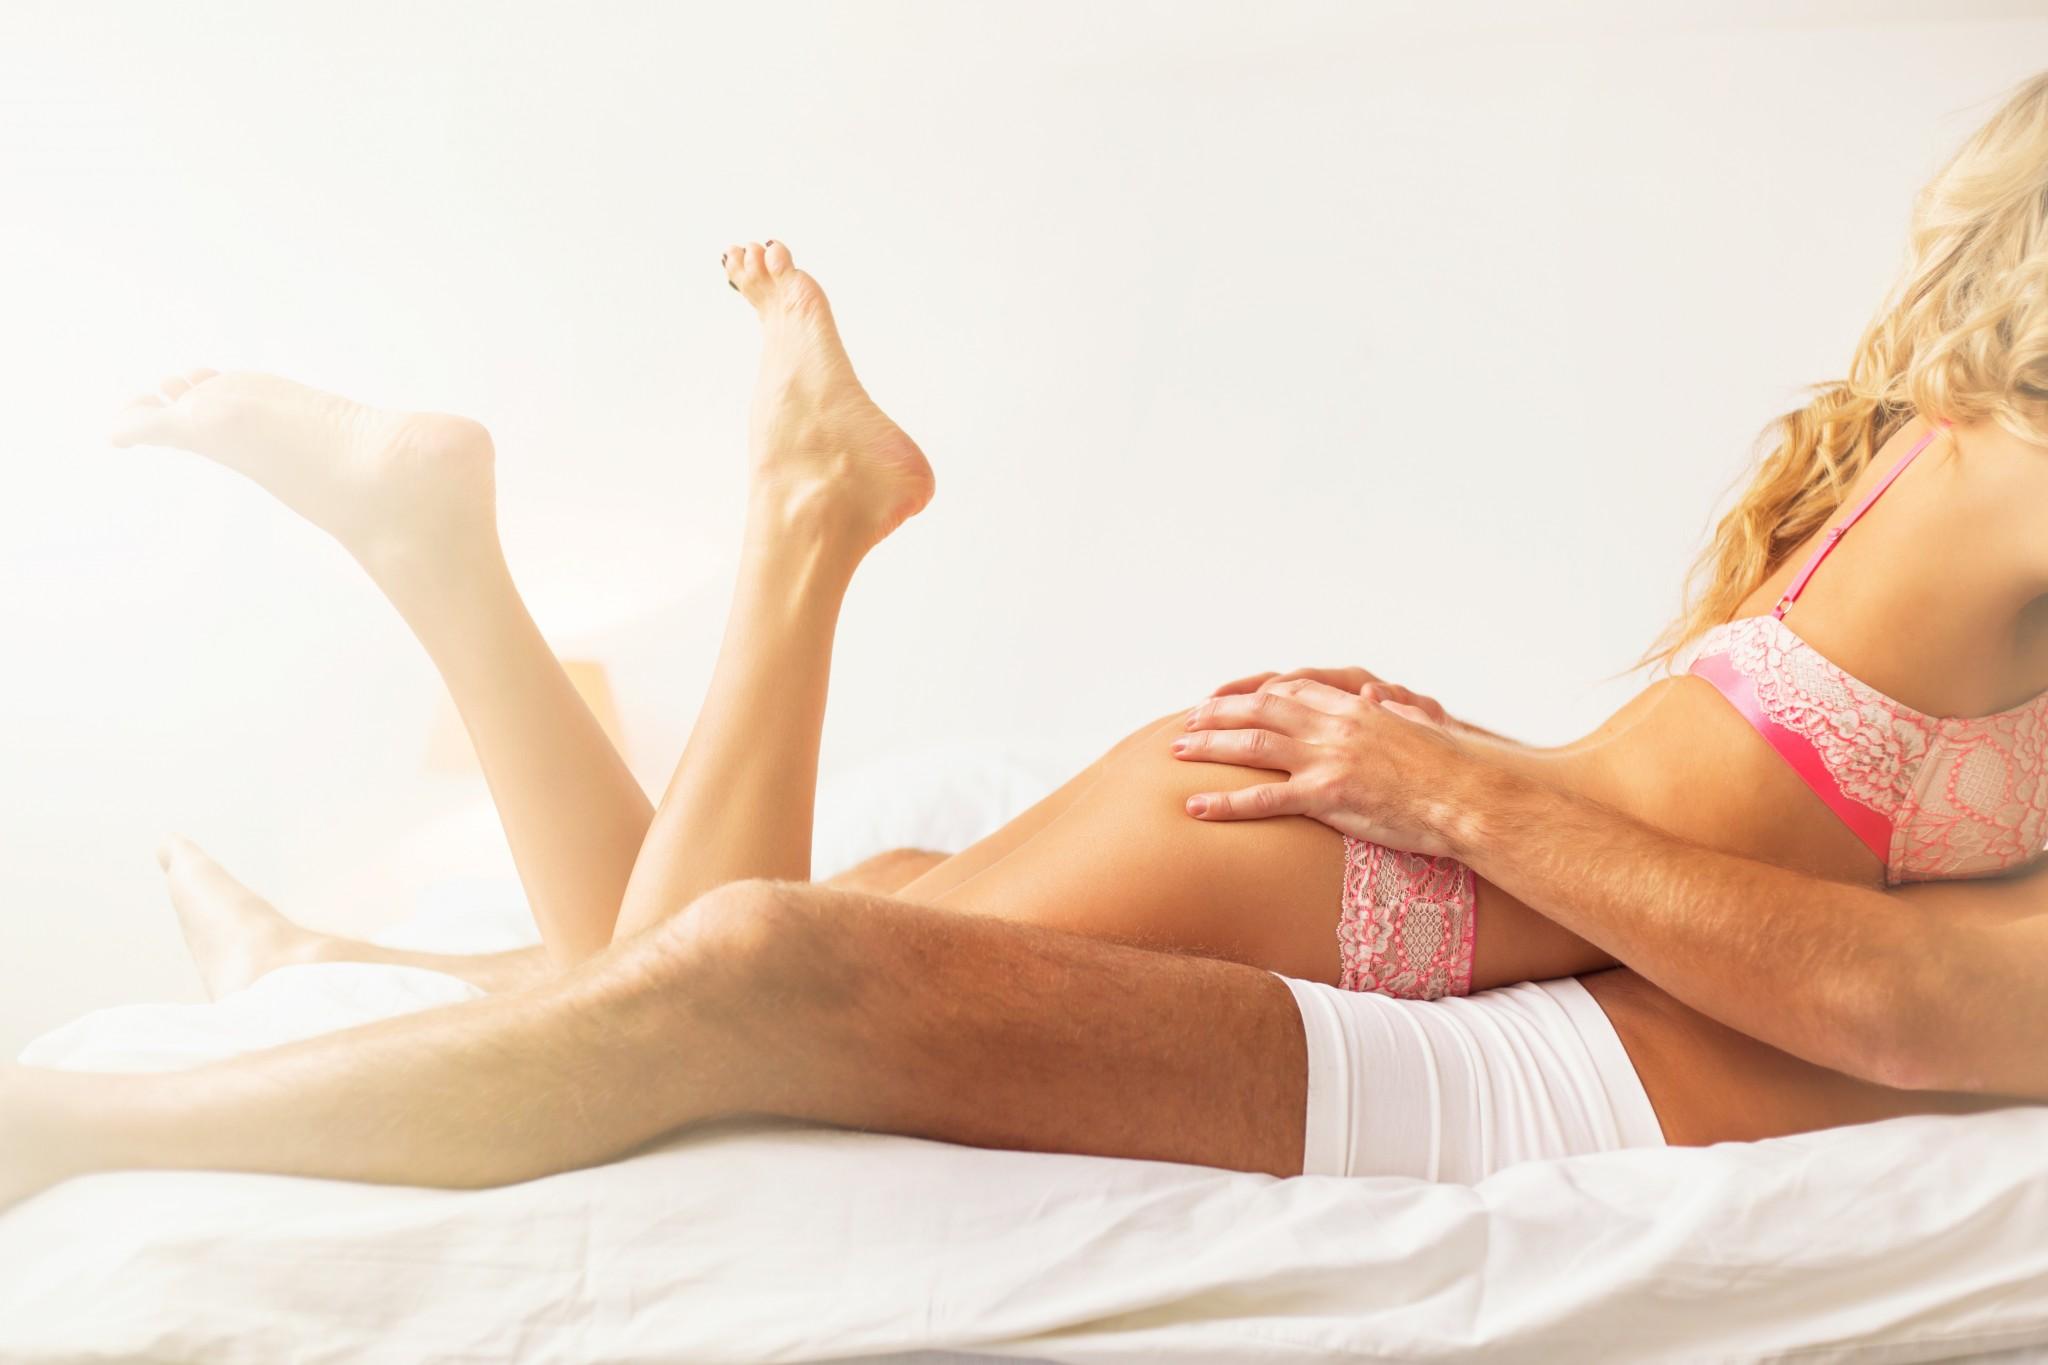 milovani video prace v erotice